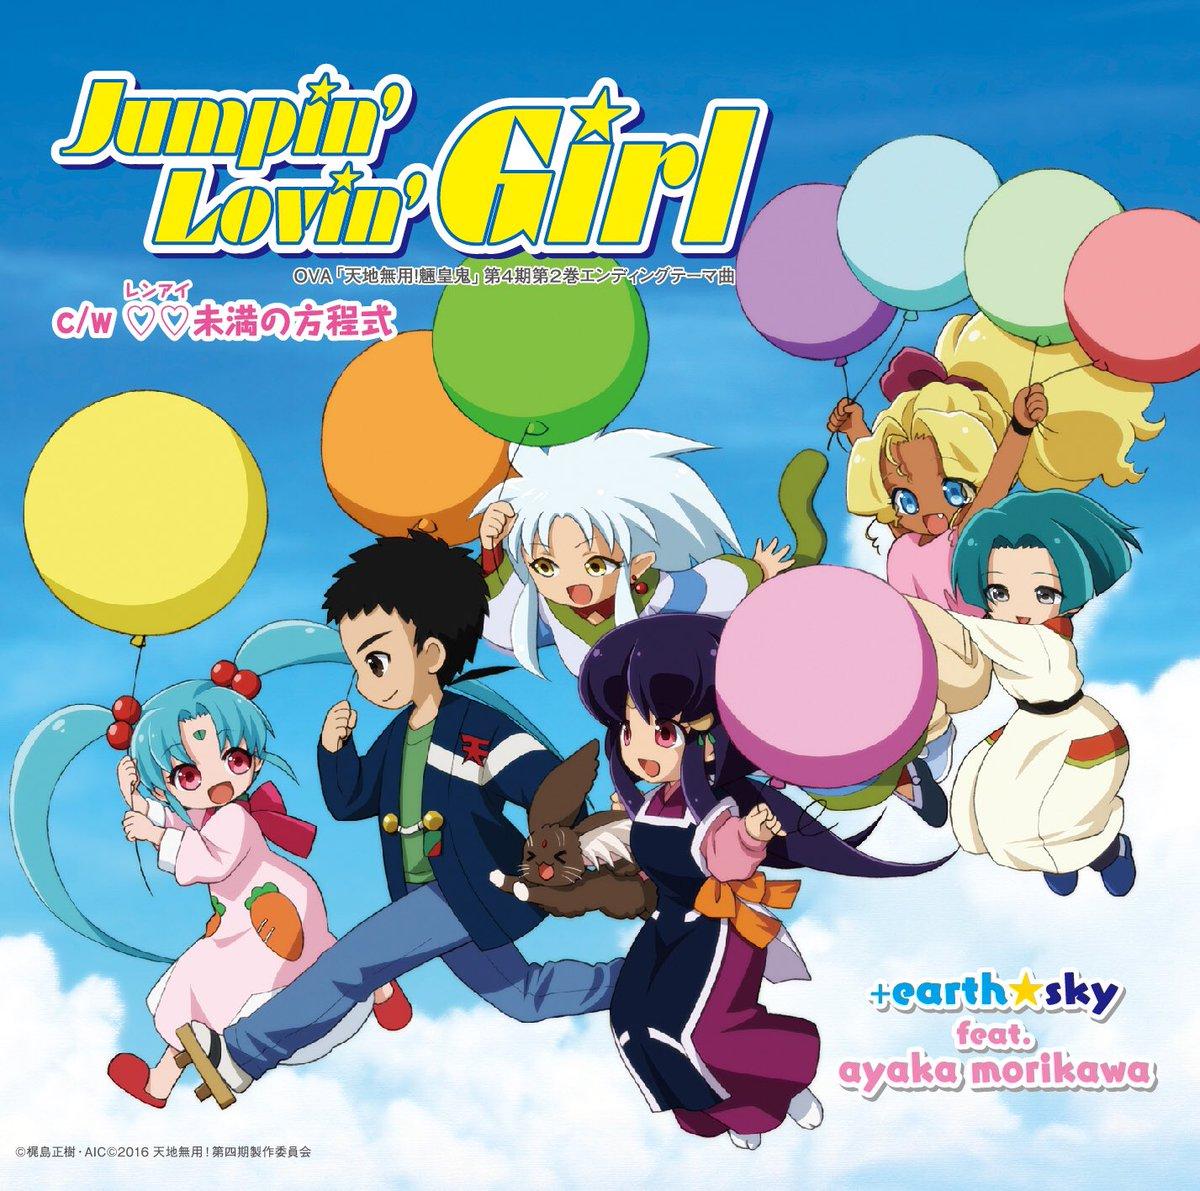 【お知らせ】3月1日発売「天地無用! 魎皇鬼」第4期OVAシリーズ、第2巻のED曲『Jumpin' Lovin' Gir